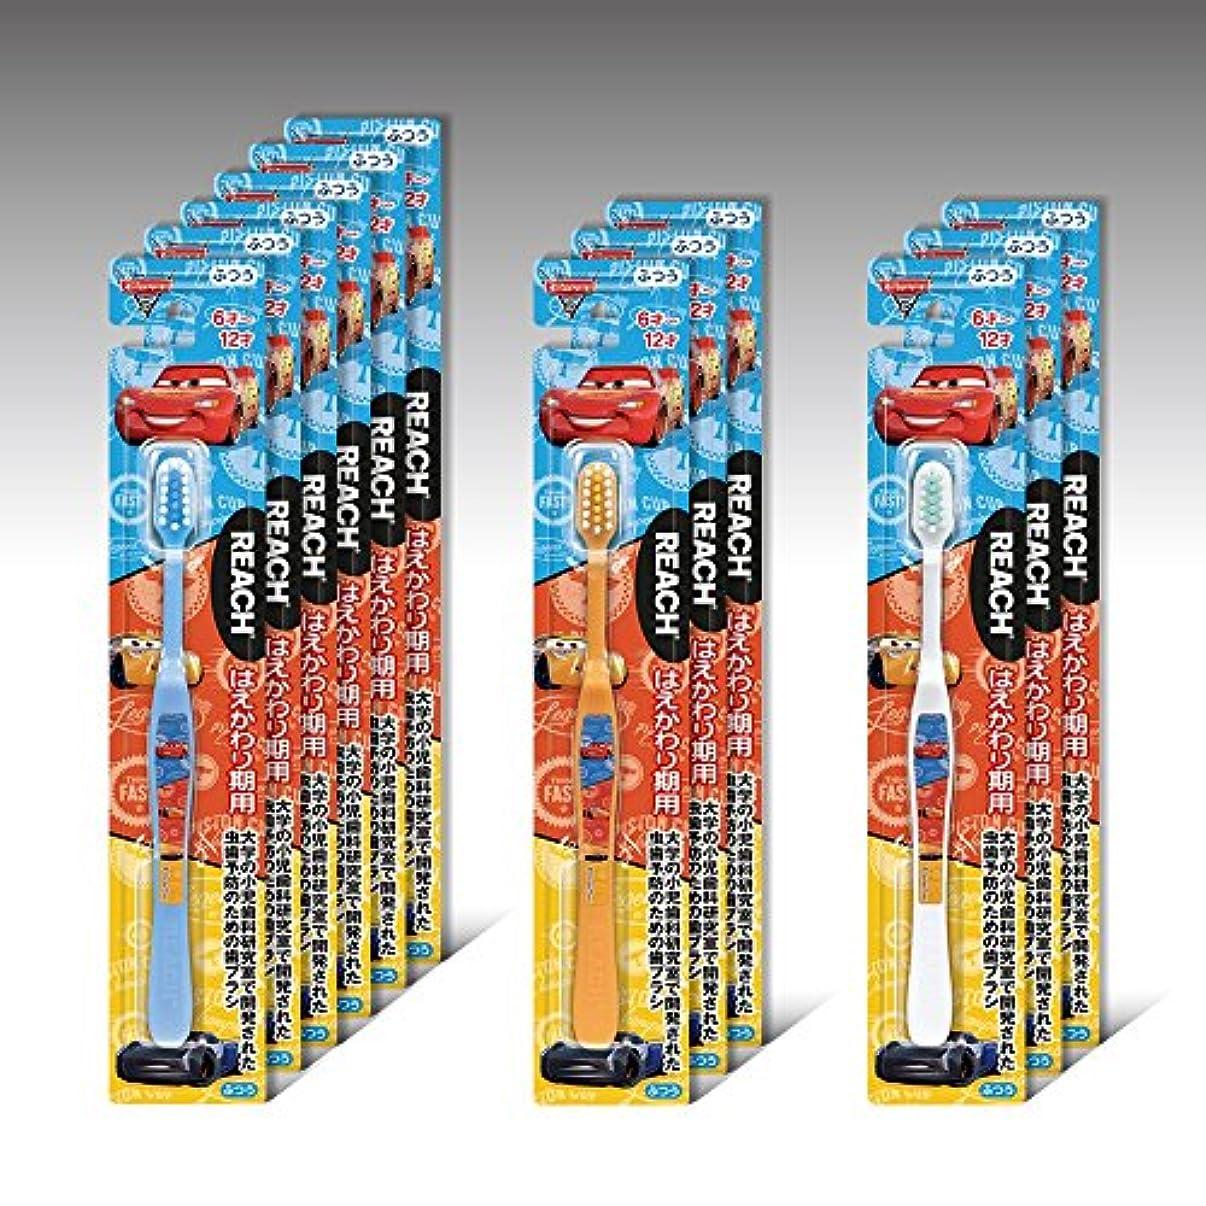 ジョリー豆ケープリーチキッズ ディズニーカーズ はえかわり期用(6~12才) 12本セット